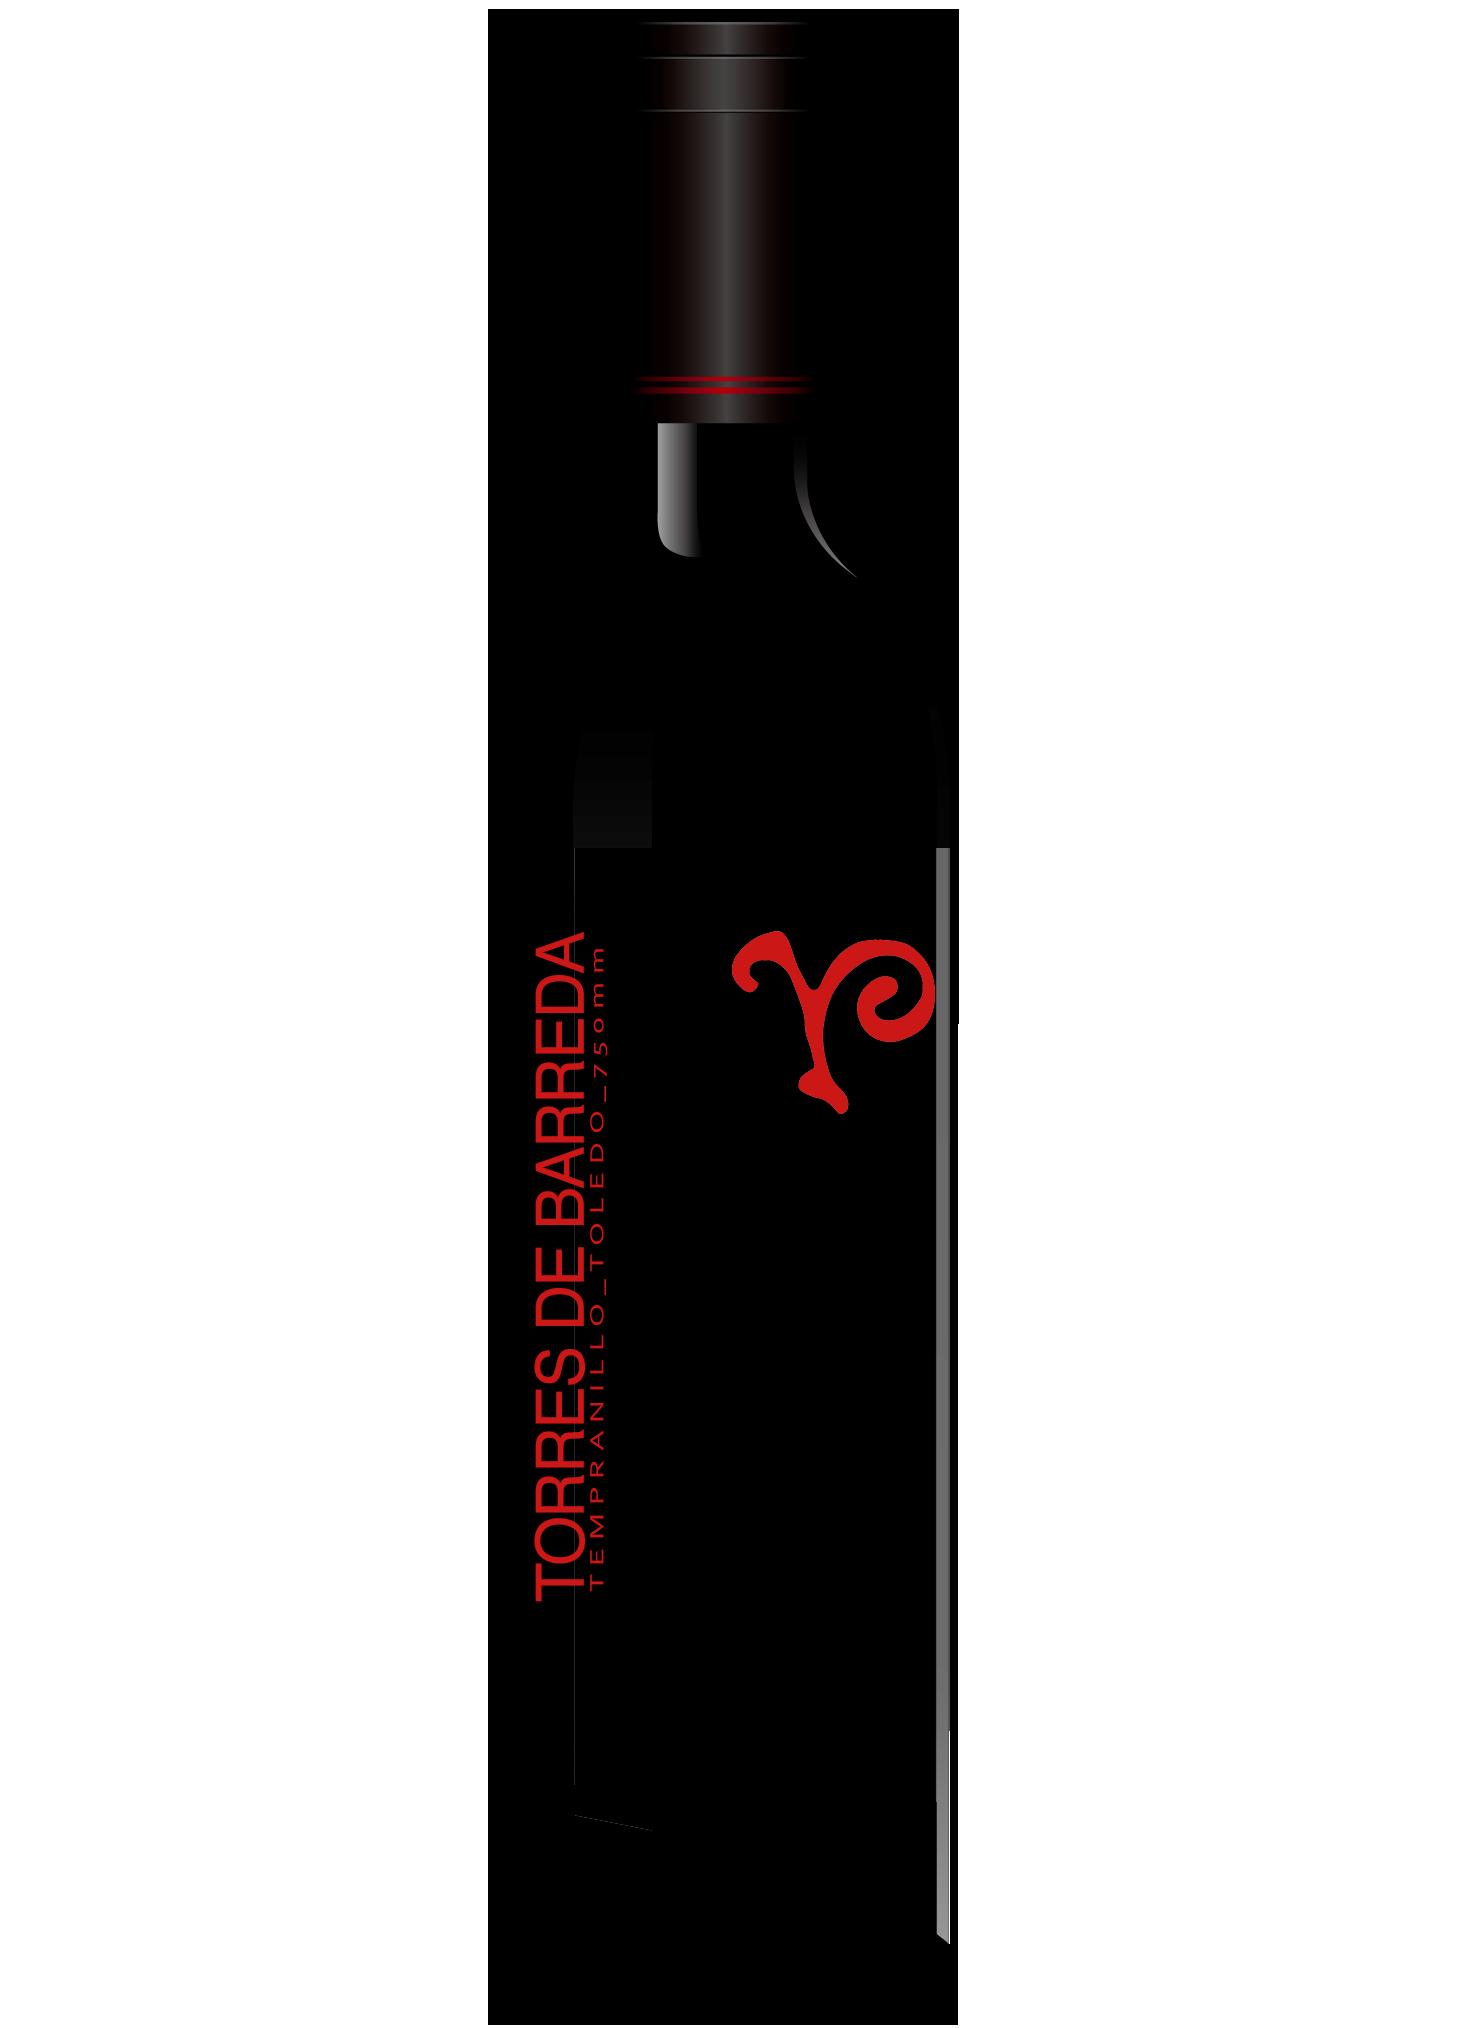 Botella_1-pablo_madrid_torres_de_barreda